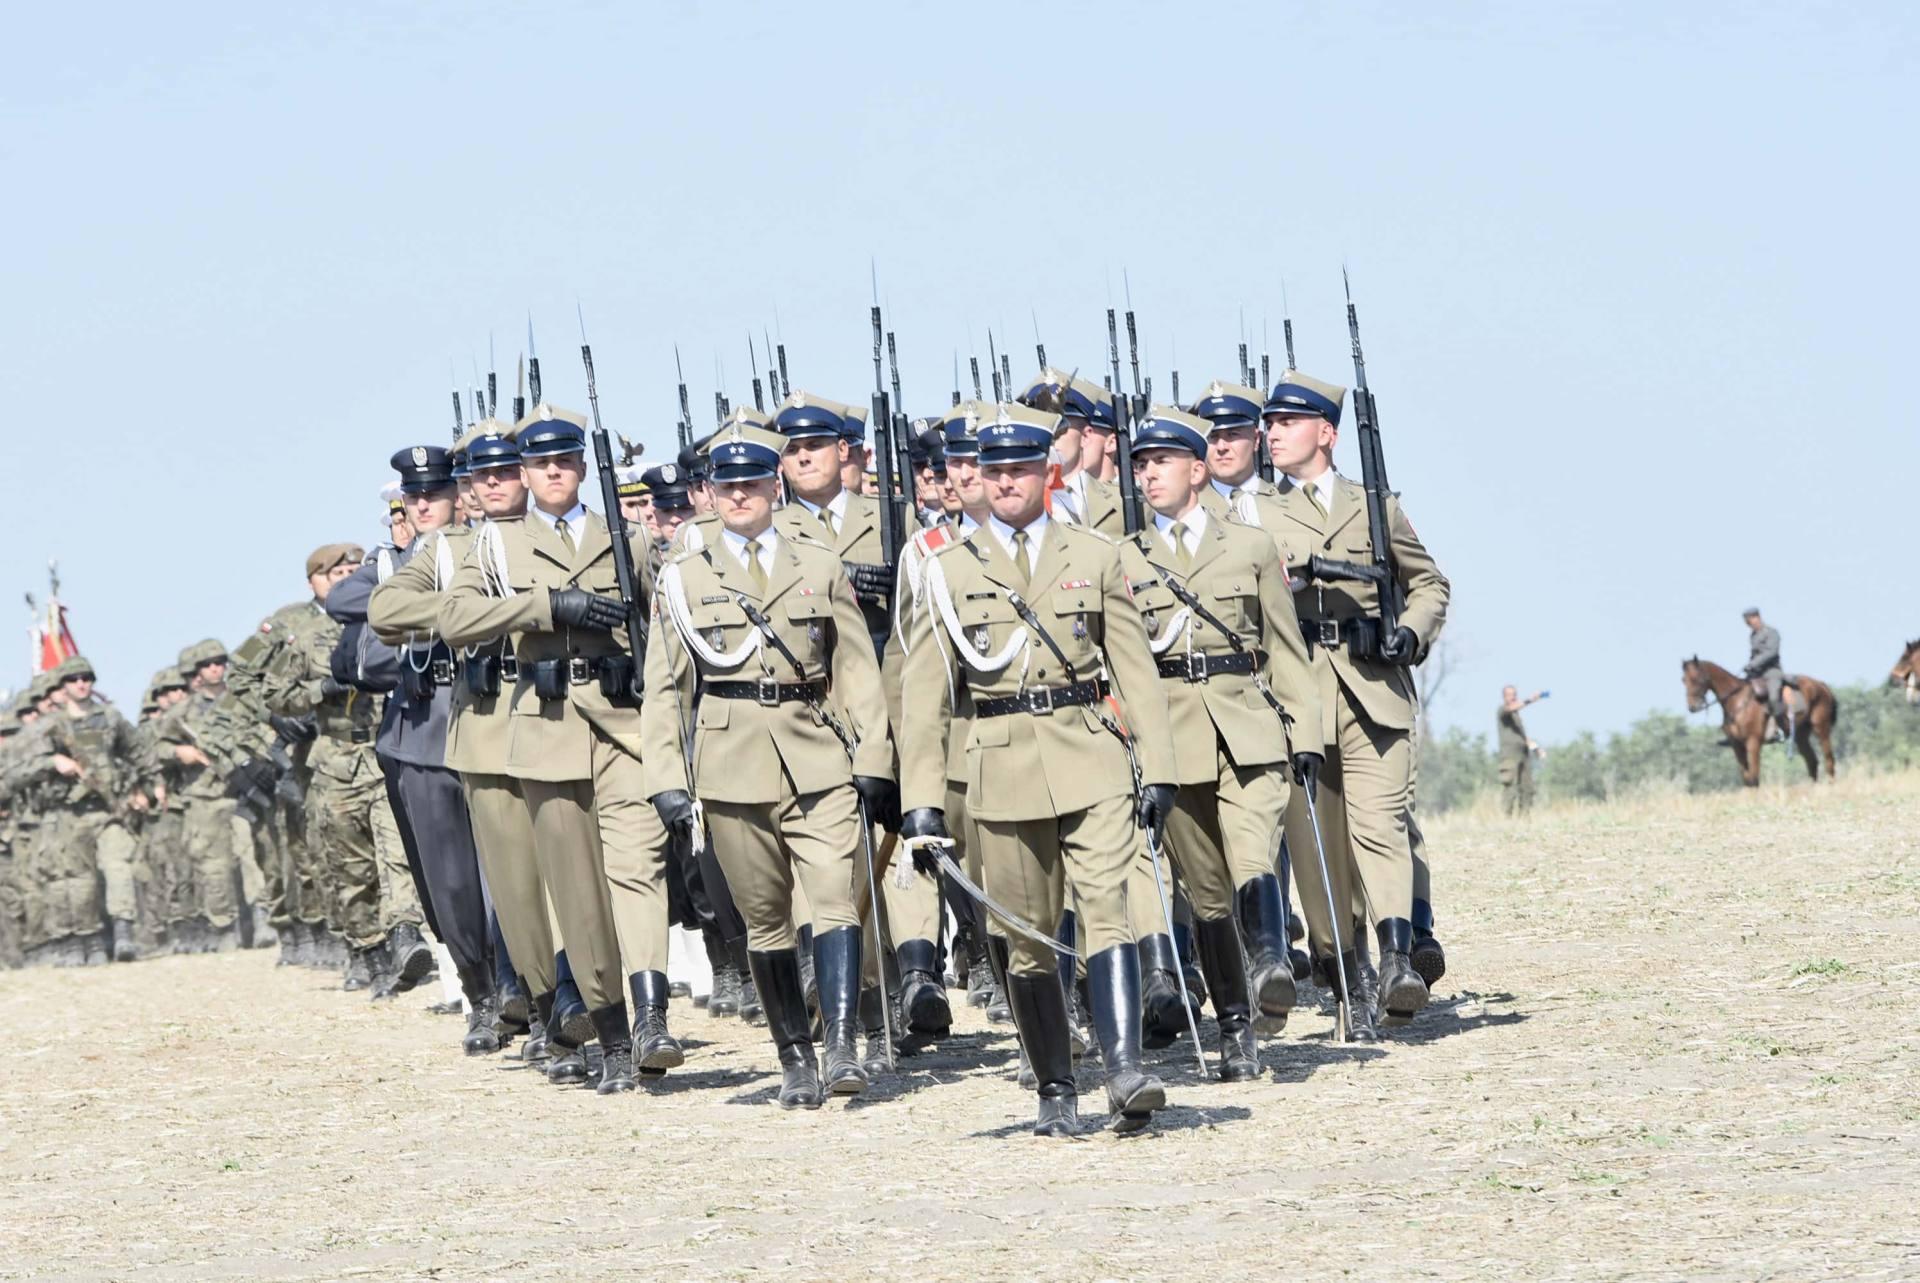 dsc 0576 Czas szabli - 100 rocznica bitwy pod Komarowem(zdjęcia)